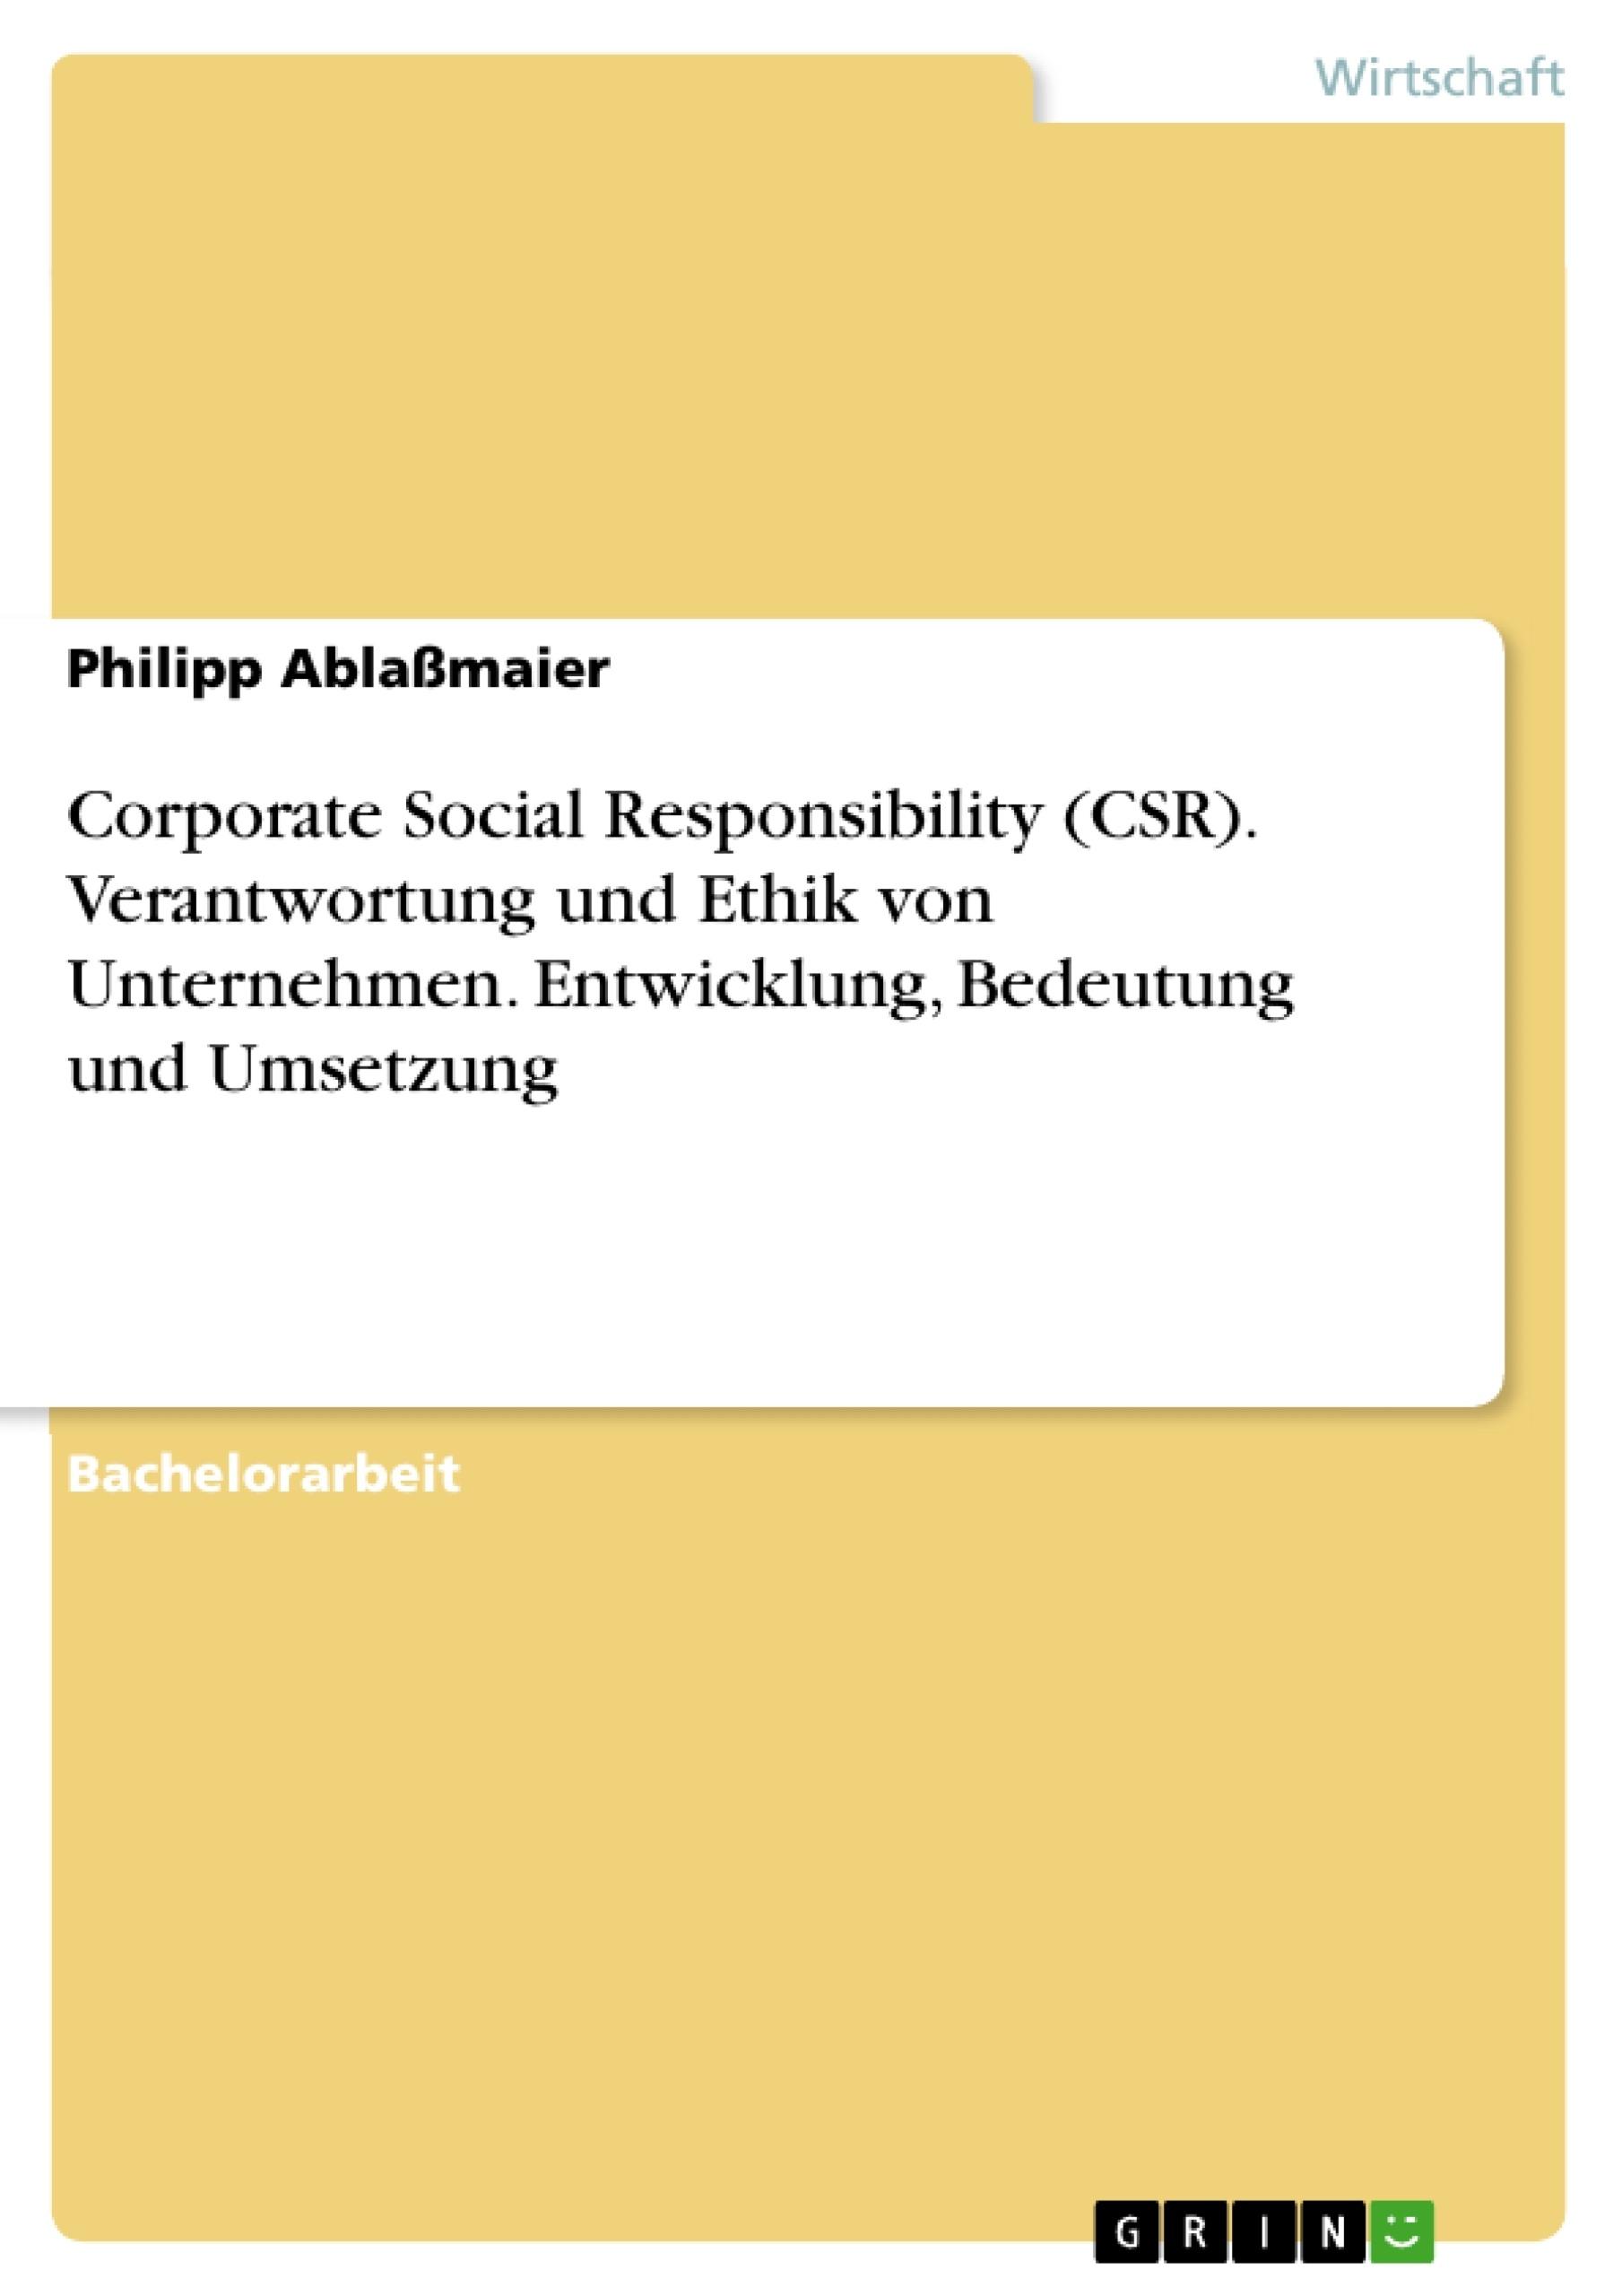 Titel: Corporate Social Responsibility (CSR). Verantwortung und Ethik von Unternehmen. Entwicklung, Bedeutung und Umsetzung